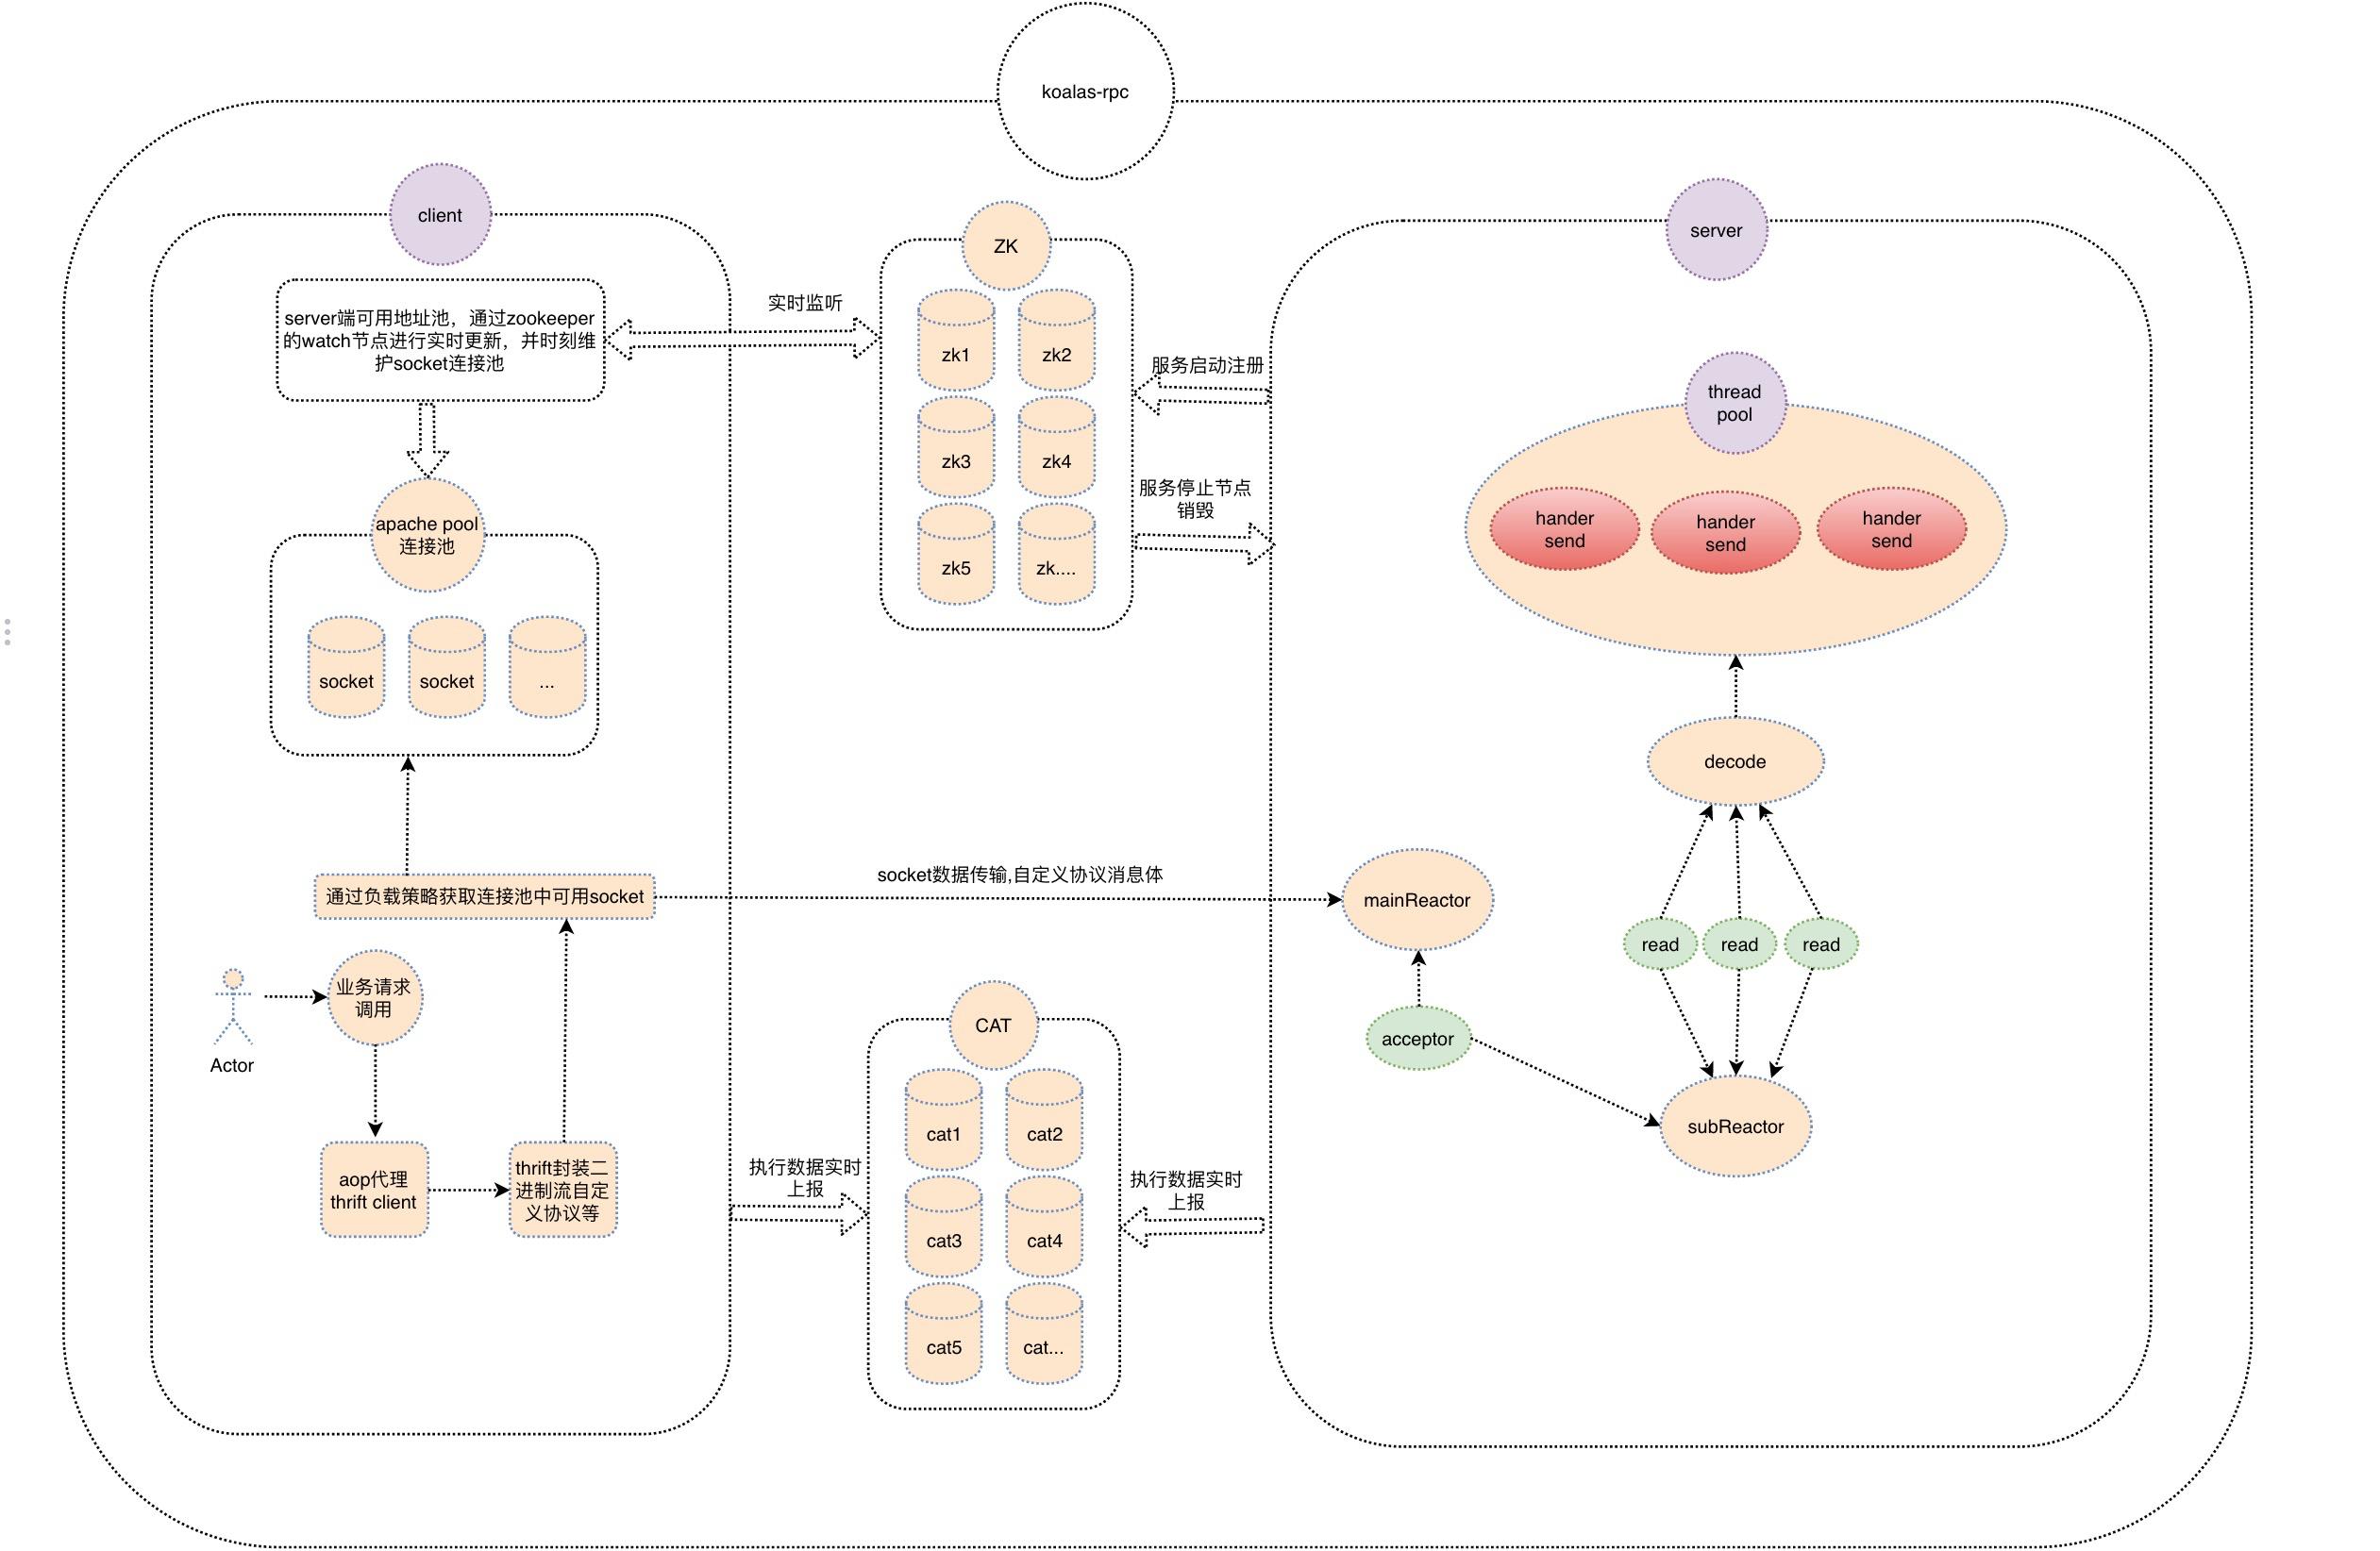 高可用可拓展的RPC框架 koalas-RPC